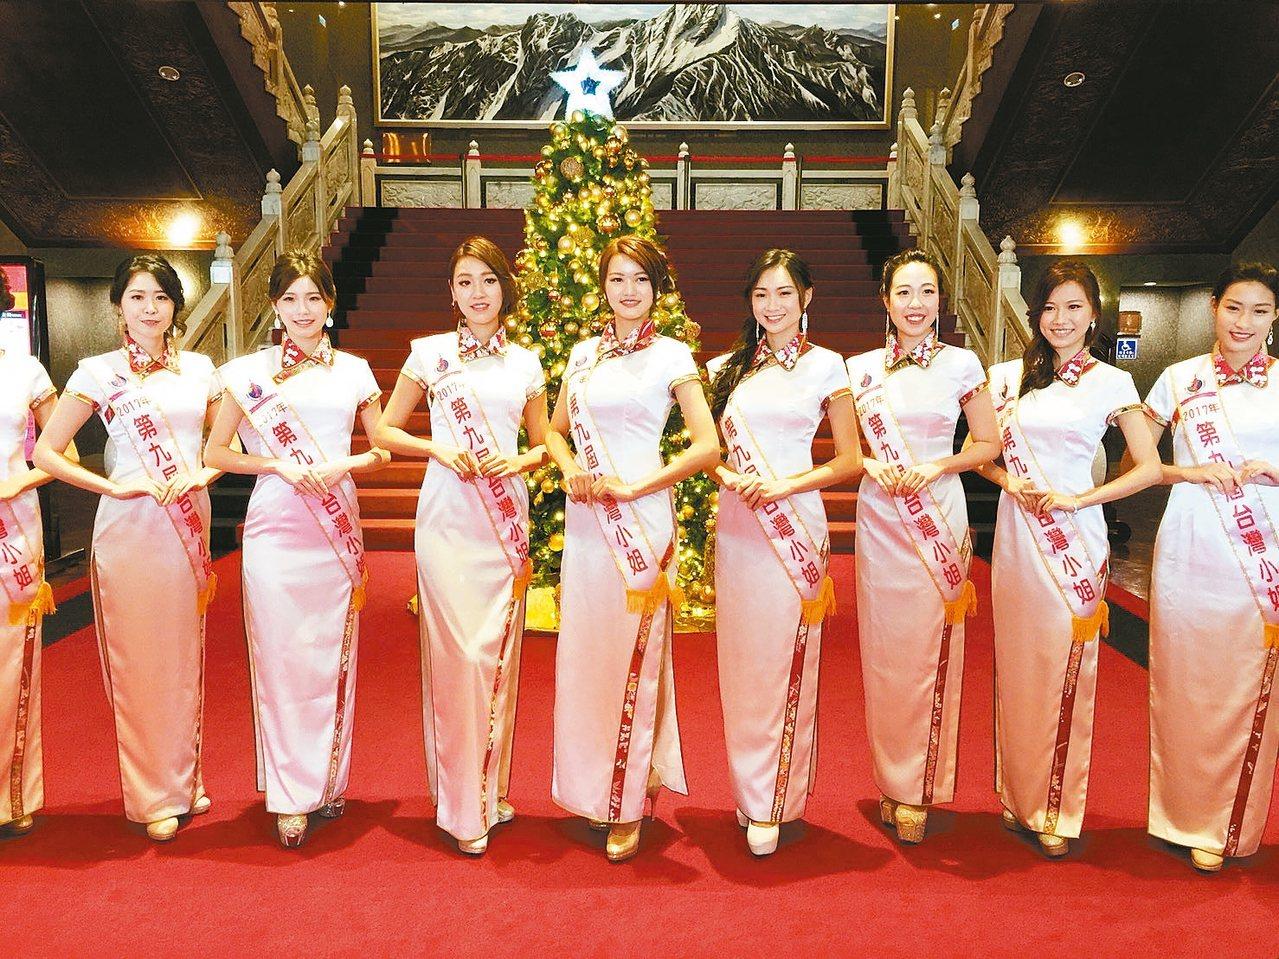 今年計14名佳麗入圍台灣小姐總決賽,12月1日爭奪后冠。 記者王昭月/攝影